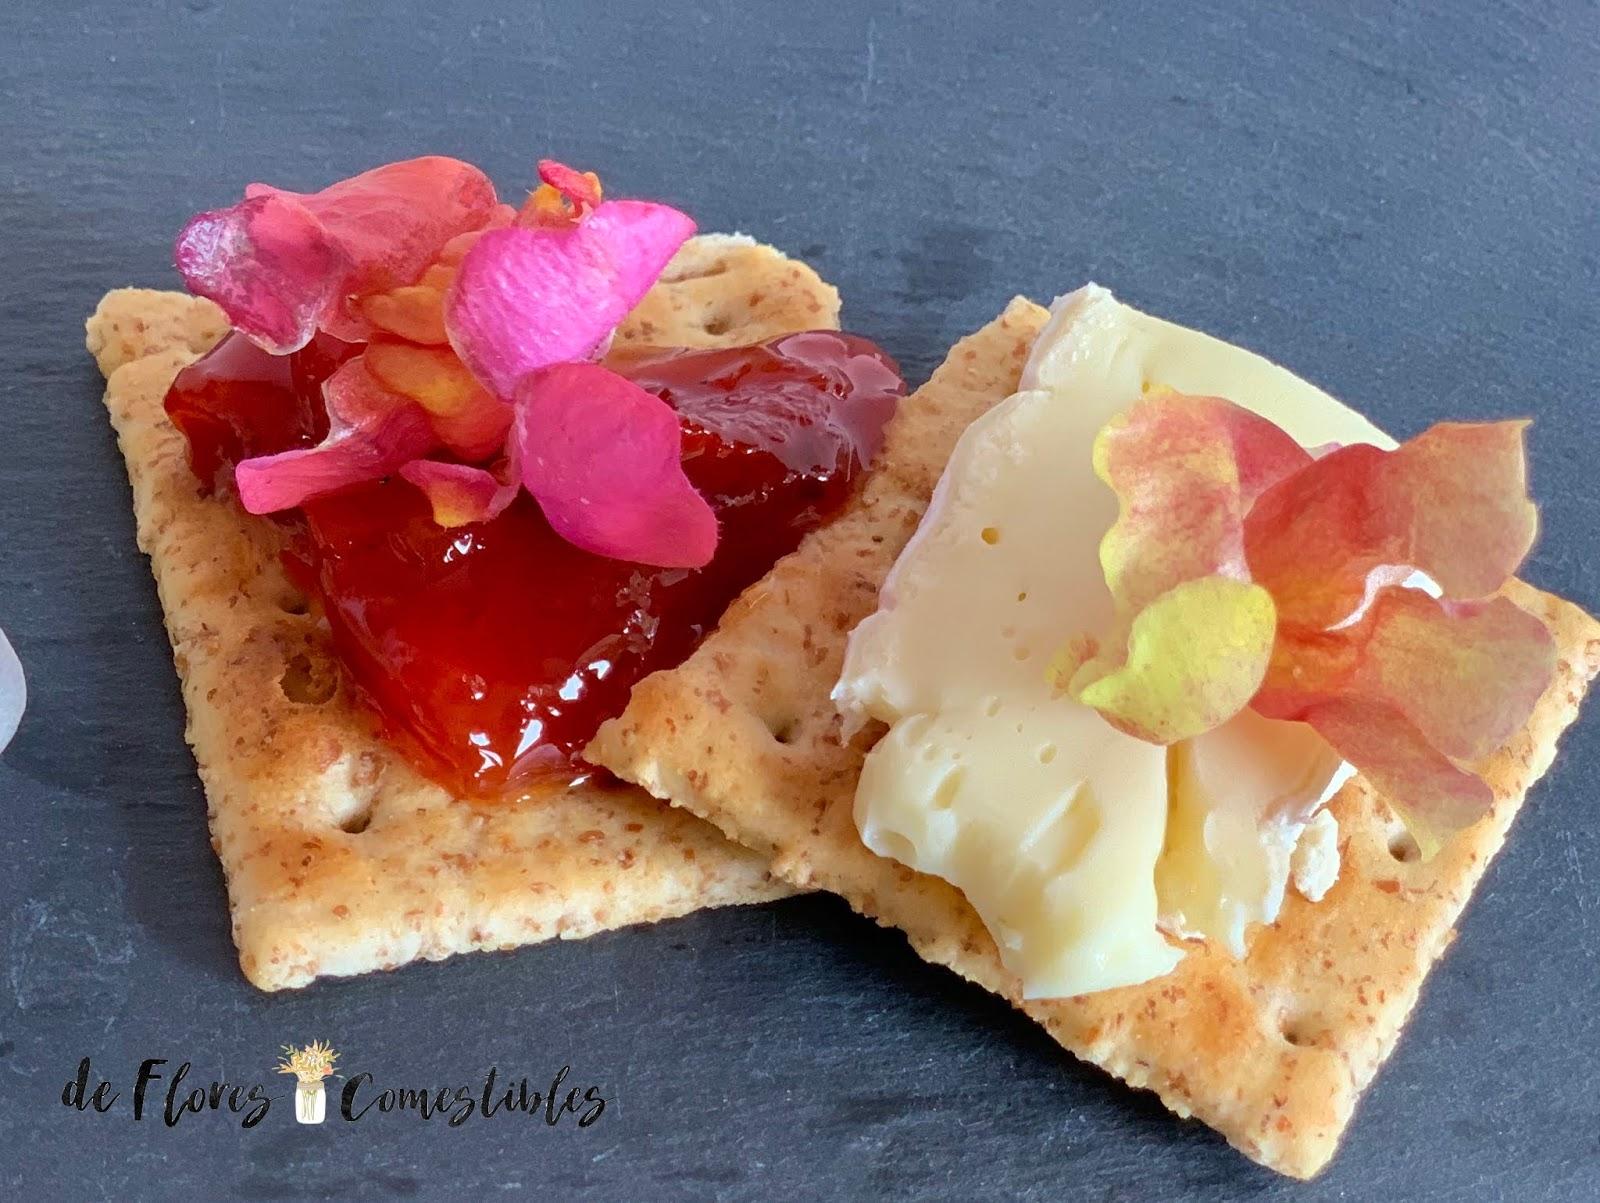 Canapés con queso y flores